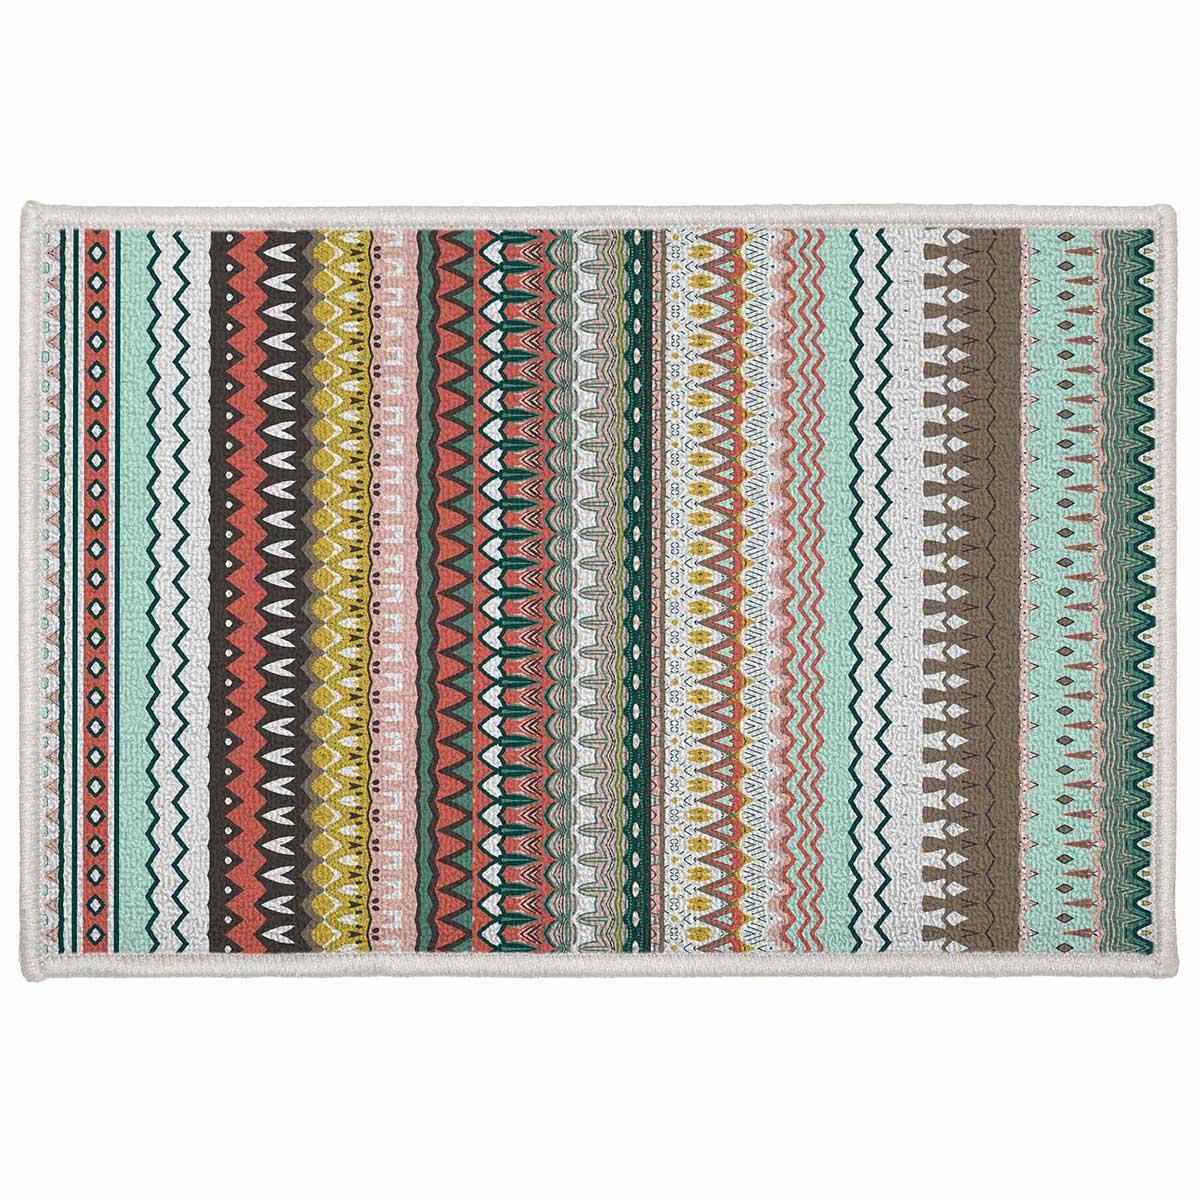 tapis d co rayures andalouses multicolore homemaison vente en ligne tapis d co. Black Bedroom Furniture Sets. Home Design Ideas